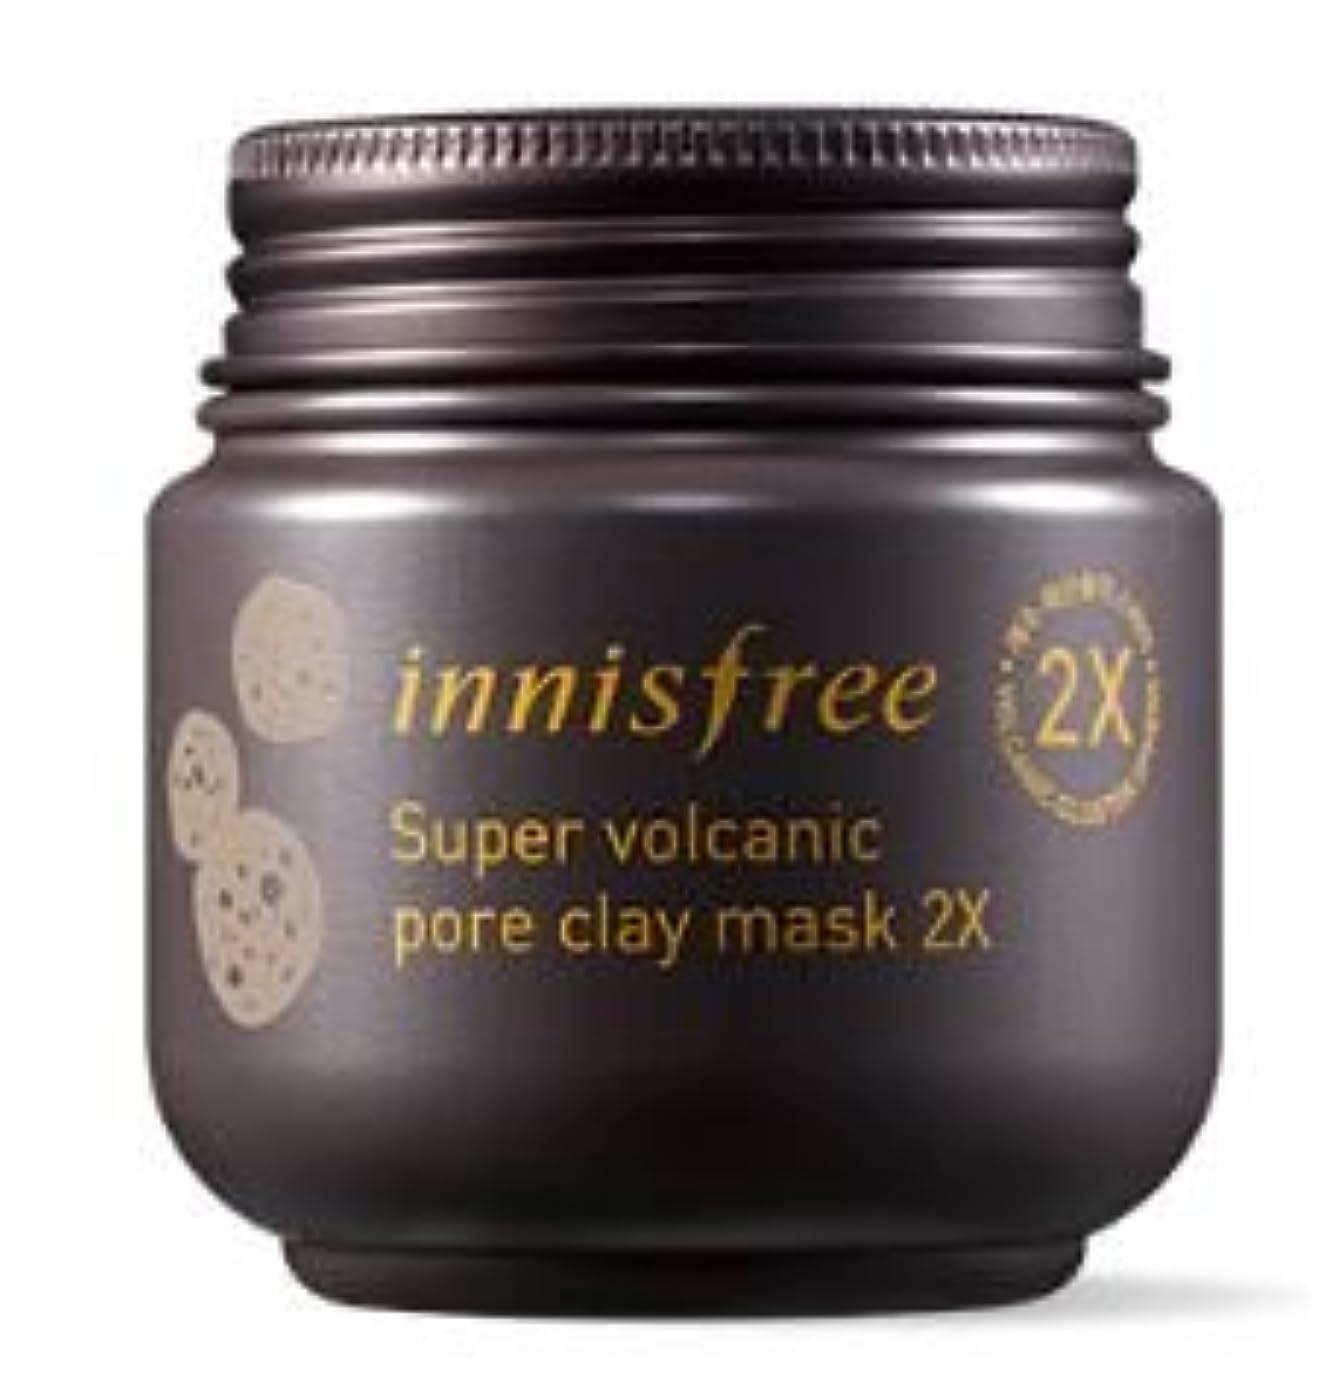 恥たくさんのギャザー★NEW★[innisfree] Super Volcanic Pore Clay Mask 2x 100ml [並行輸入品]